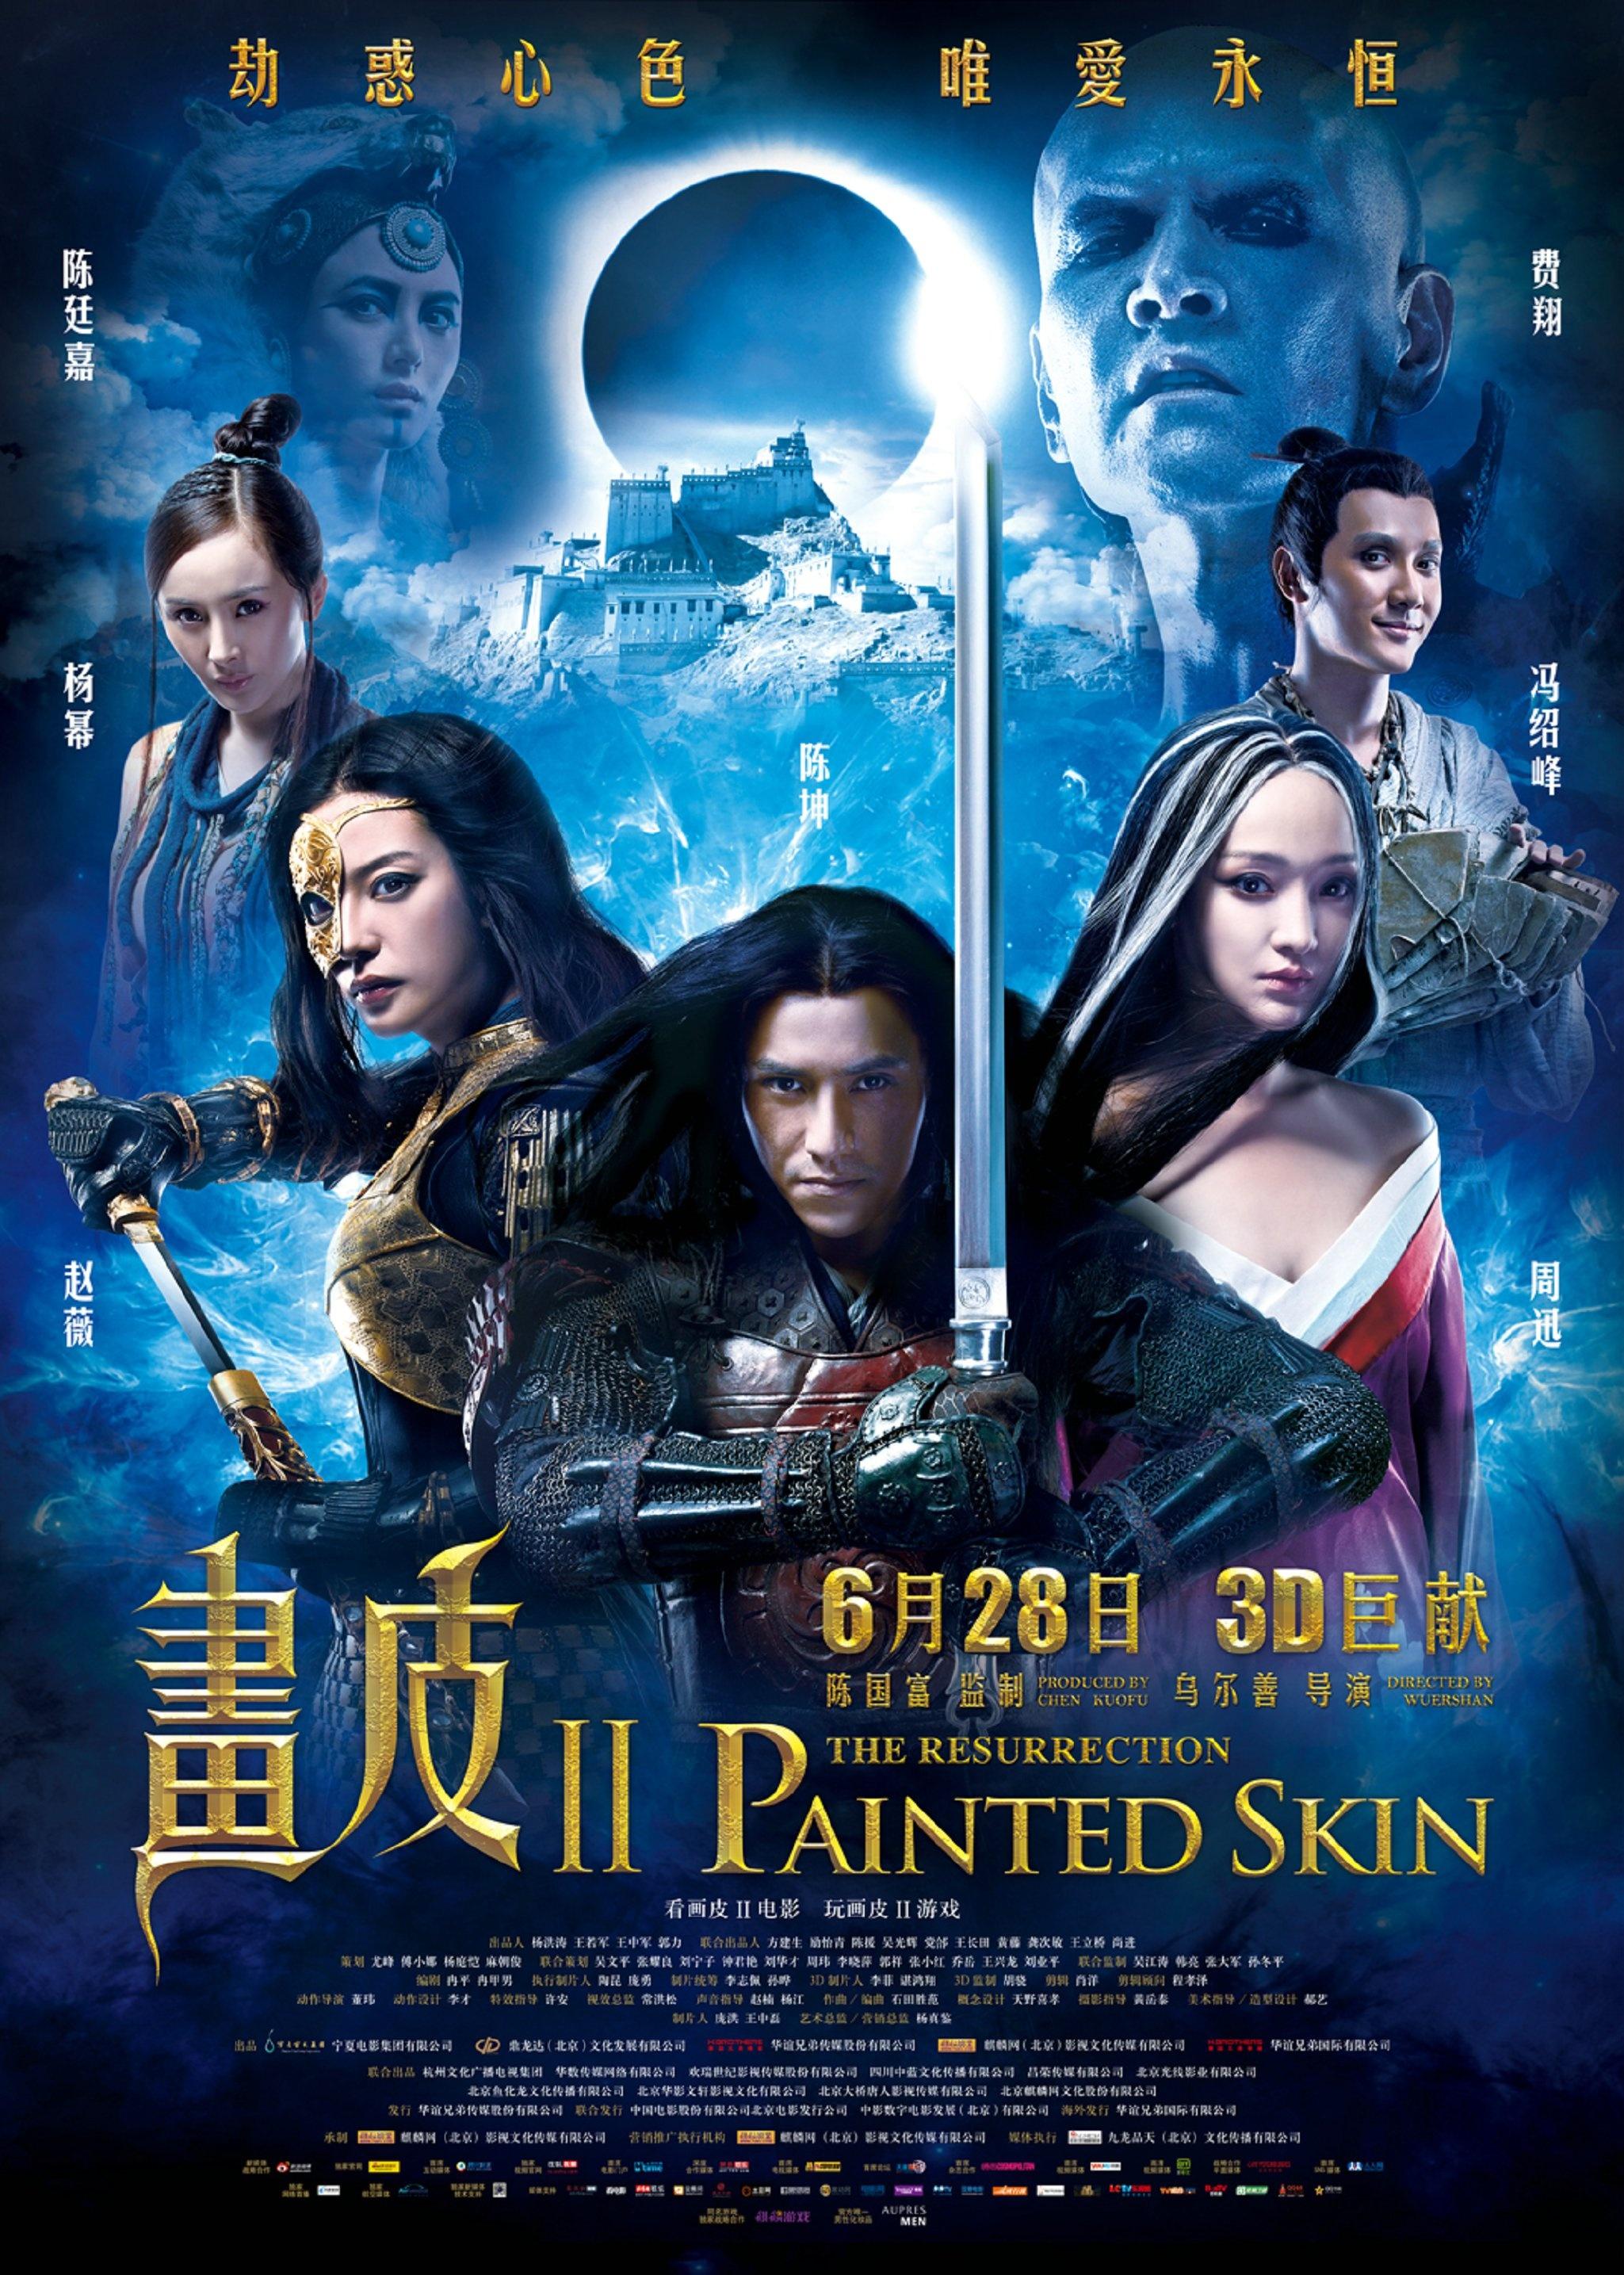 Painted Skin 2008-2012 ViE BluRay 1080p DTS-HD MA 7.1 x265 10bit-BeiTai screenshots